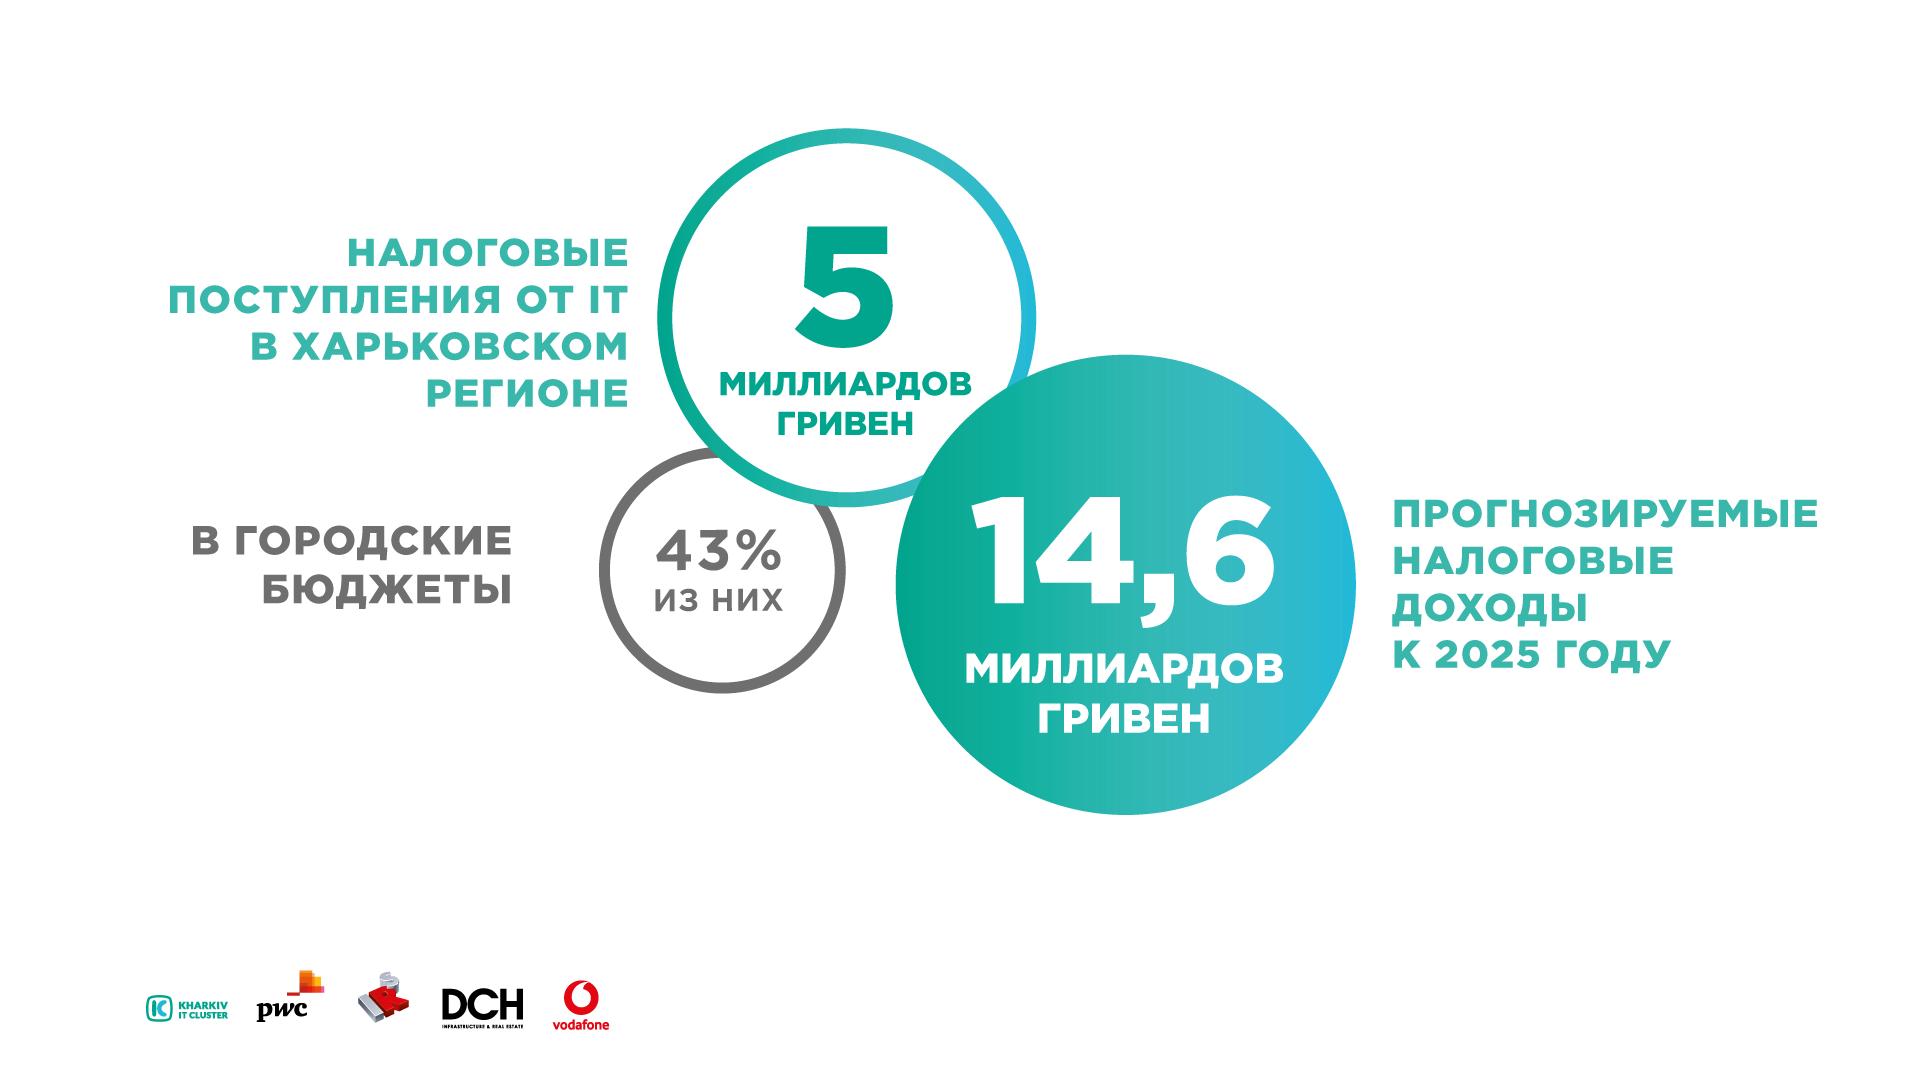 Налоговые поступления от IT в харьковском регионе